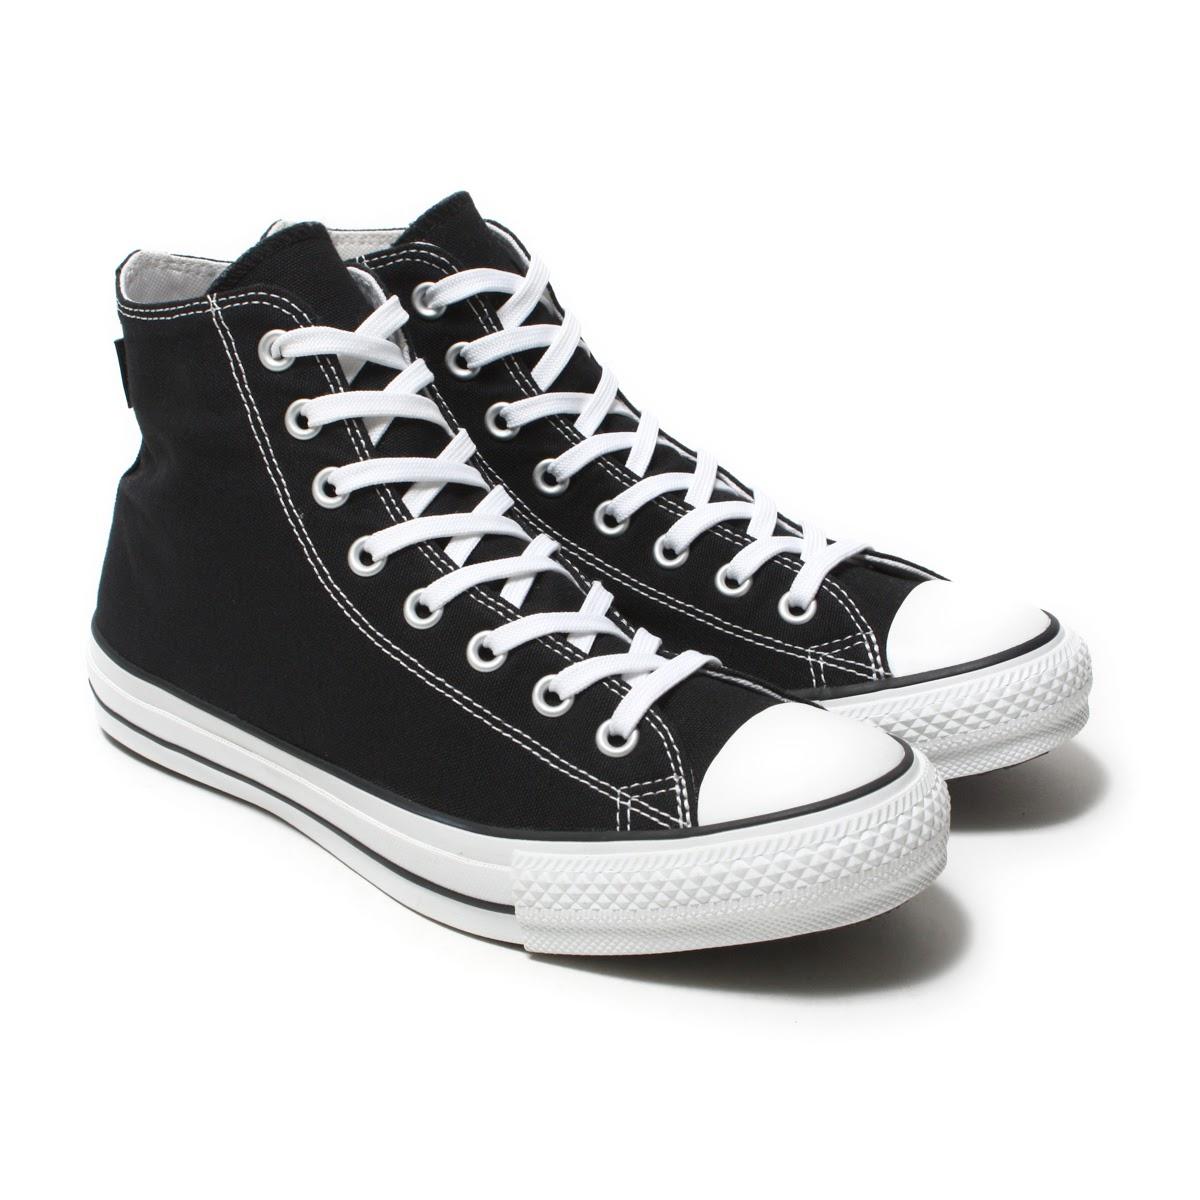 CONVERSE ALL STAR 100 GORE TEX HI (Converse all stars 100 Gore Tex HI) BLACK 17FA I